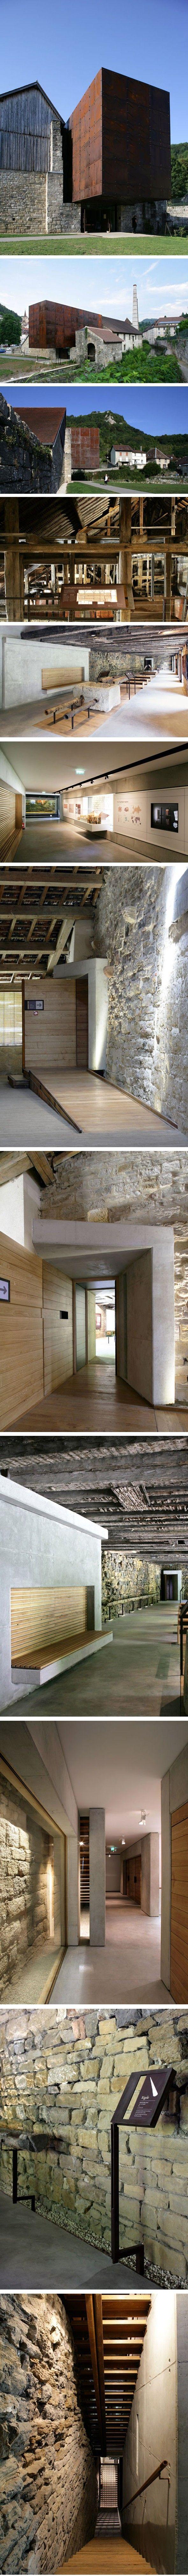 Musée du sel de Salins les bains / Malcotti-Roussey et Gheza